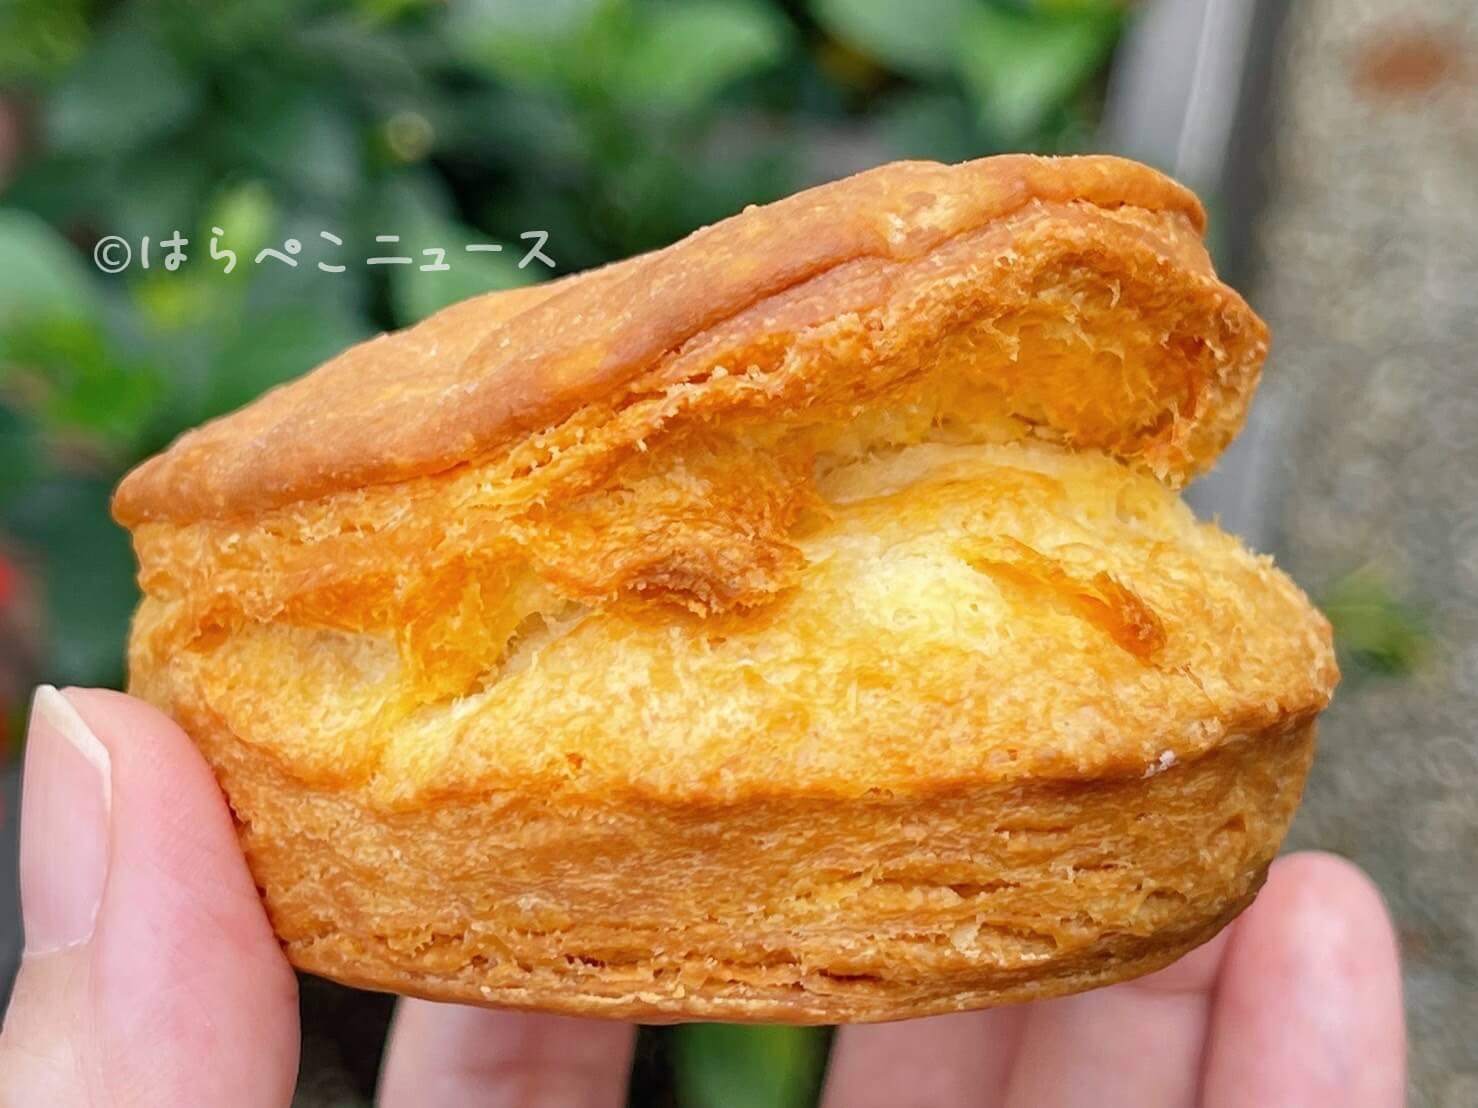 【実食レポ】ケンタッキー「発酵バター入りビスケット」を実食!